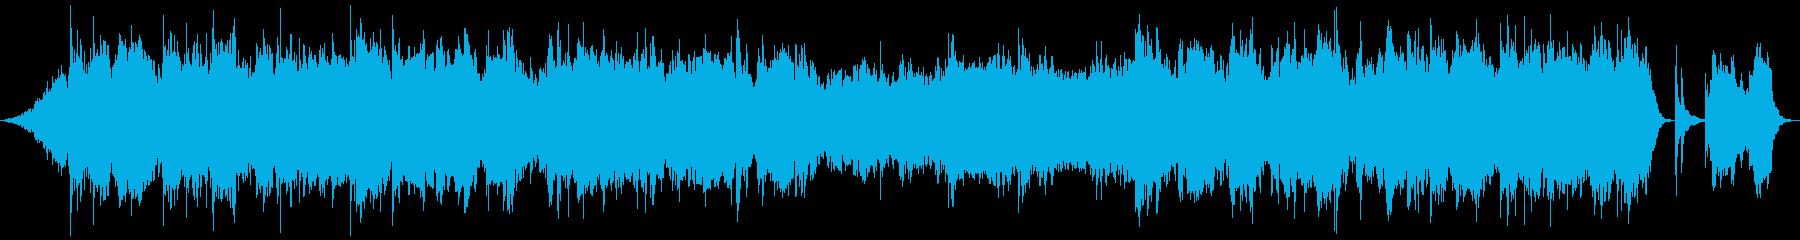 世界の果ての美しい広がり、トワイライトの再生済みの波形